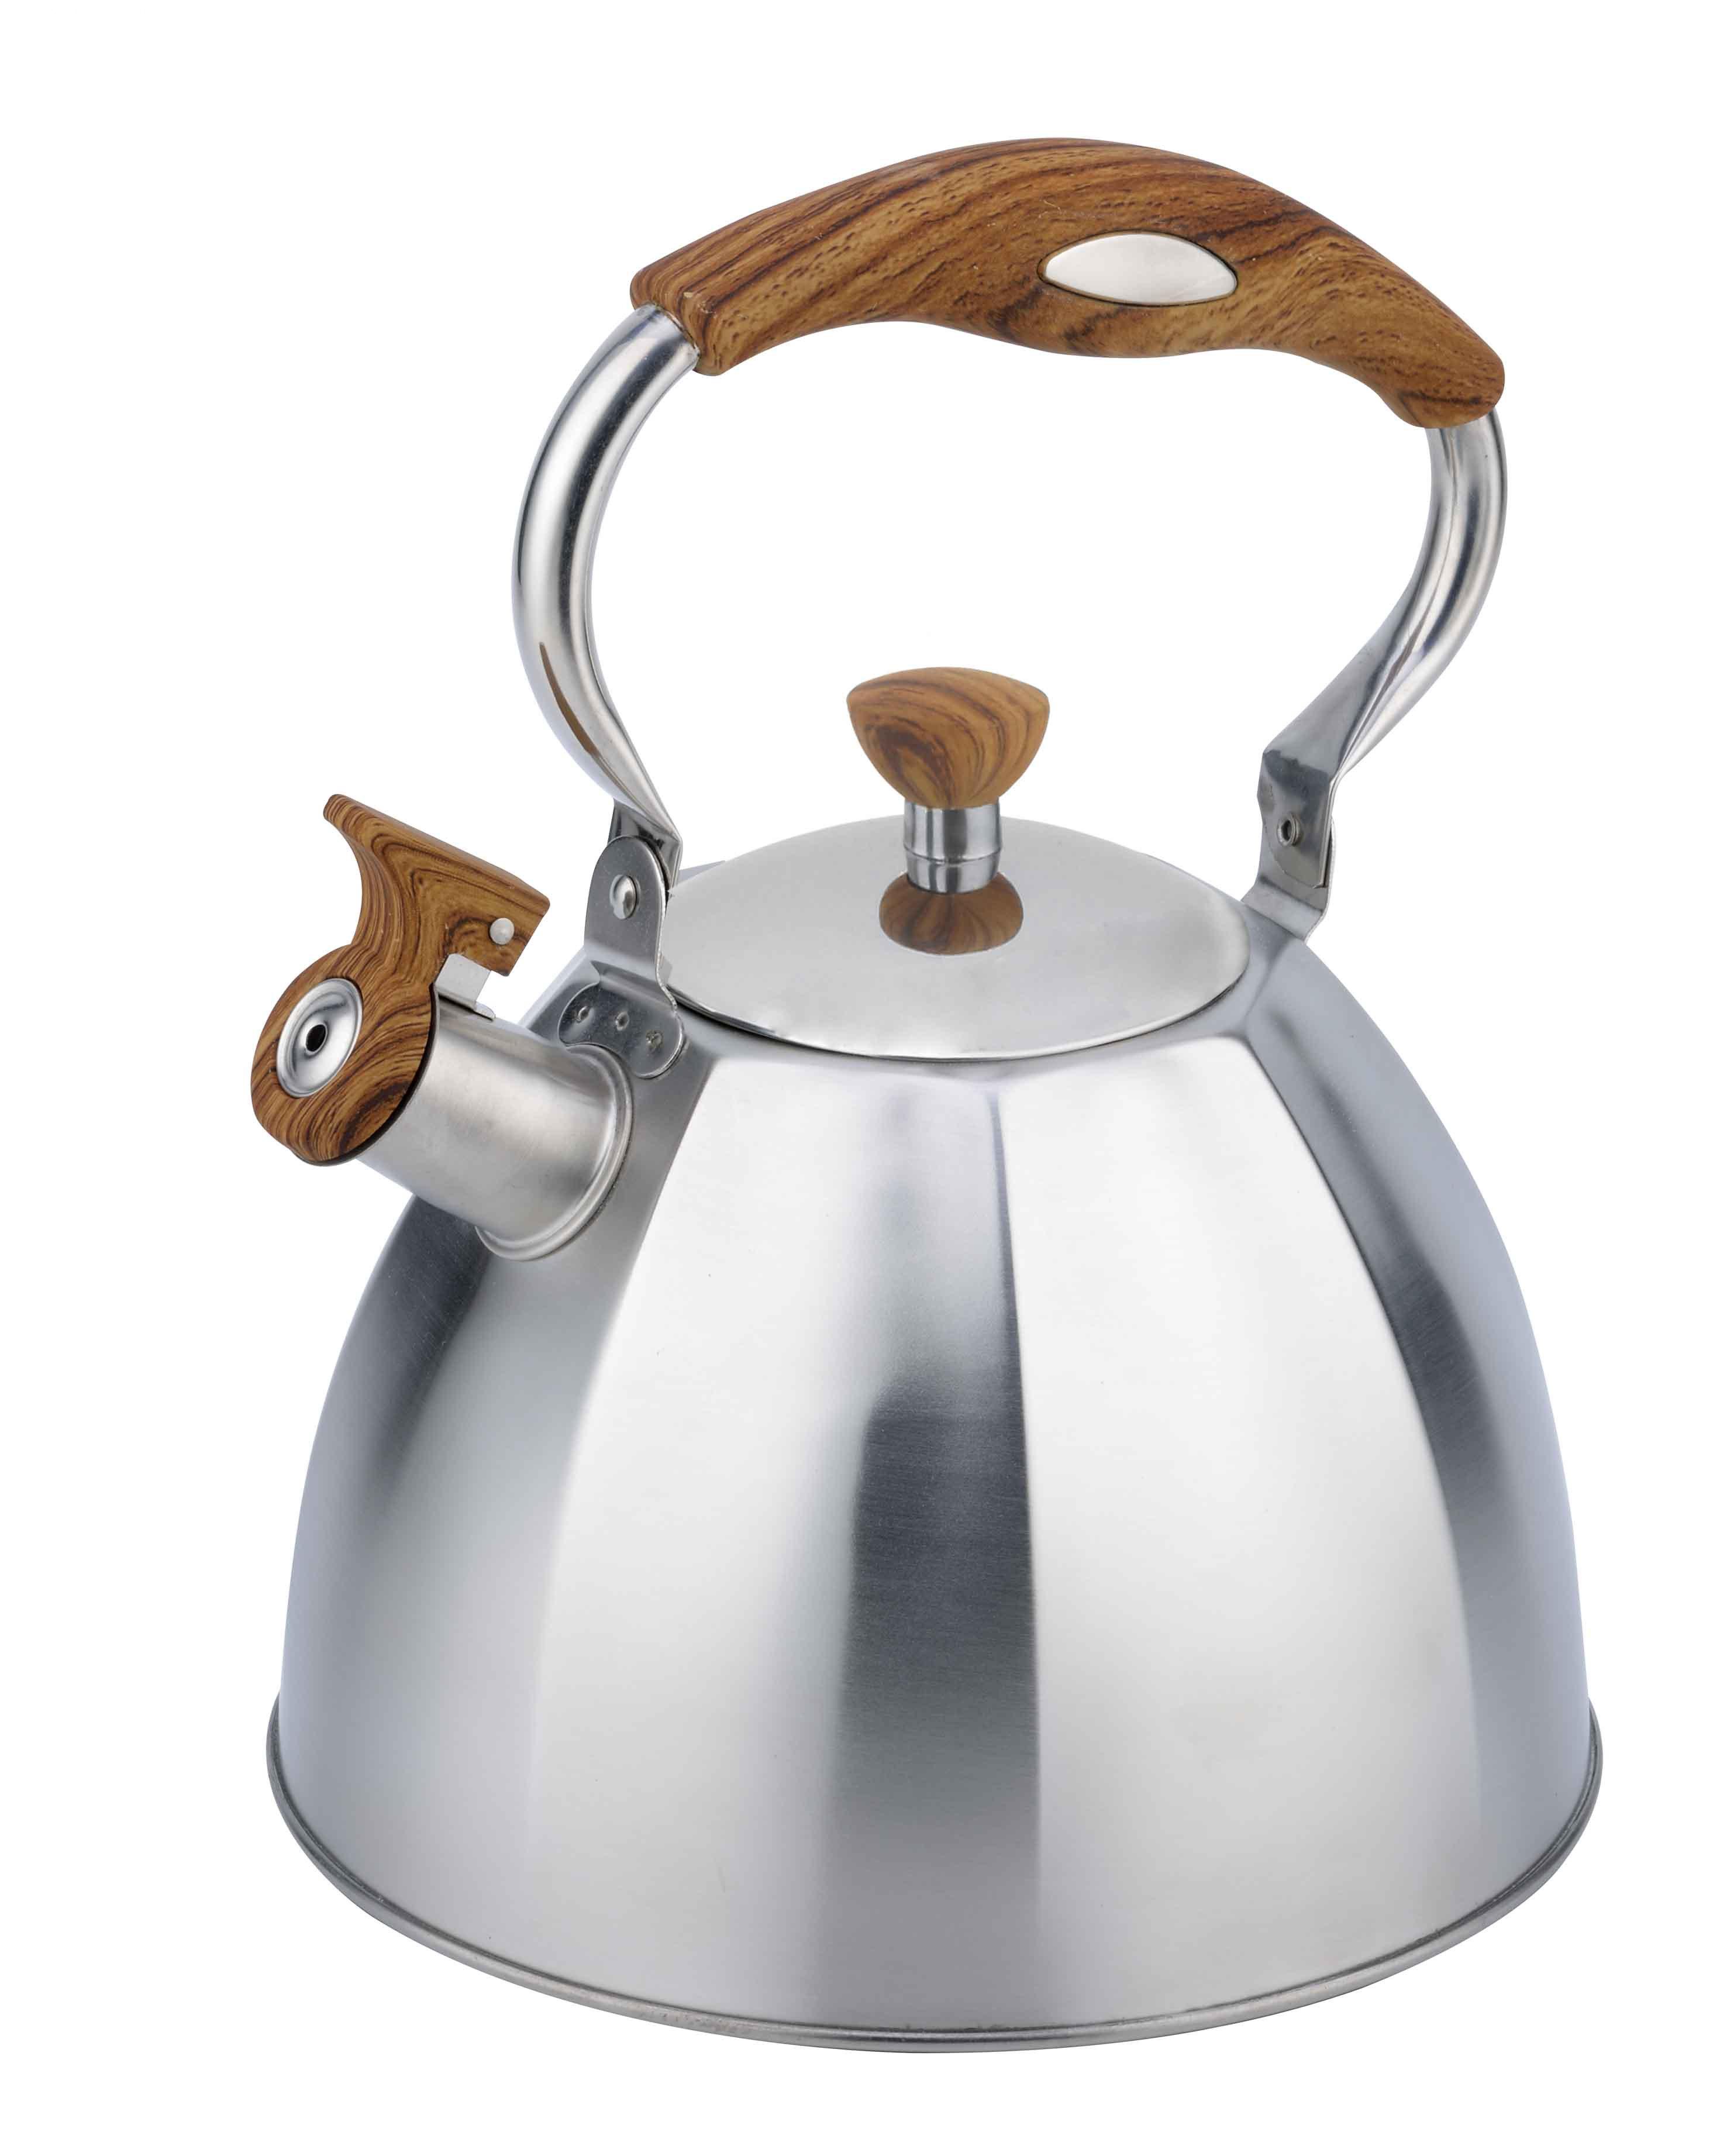 Kitchen accessories kettle